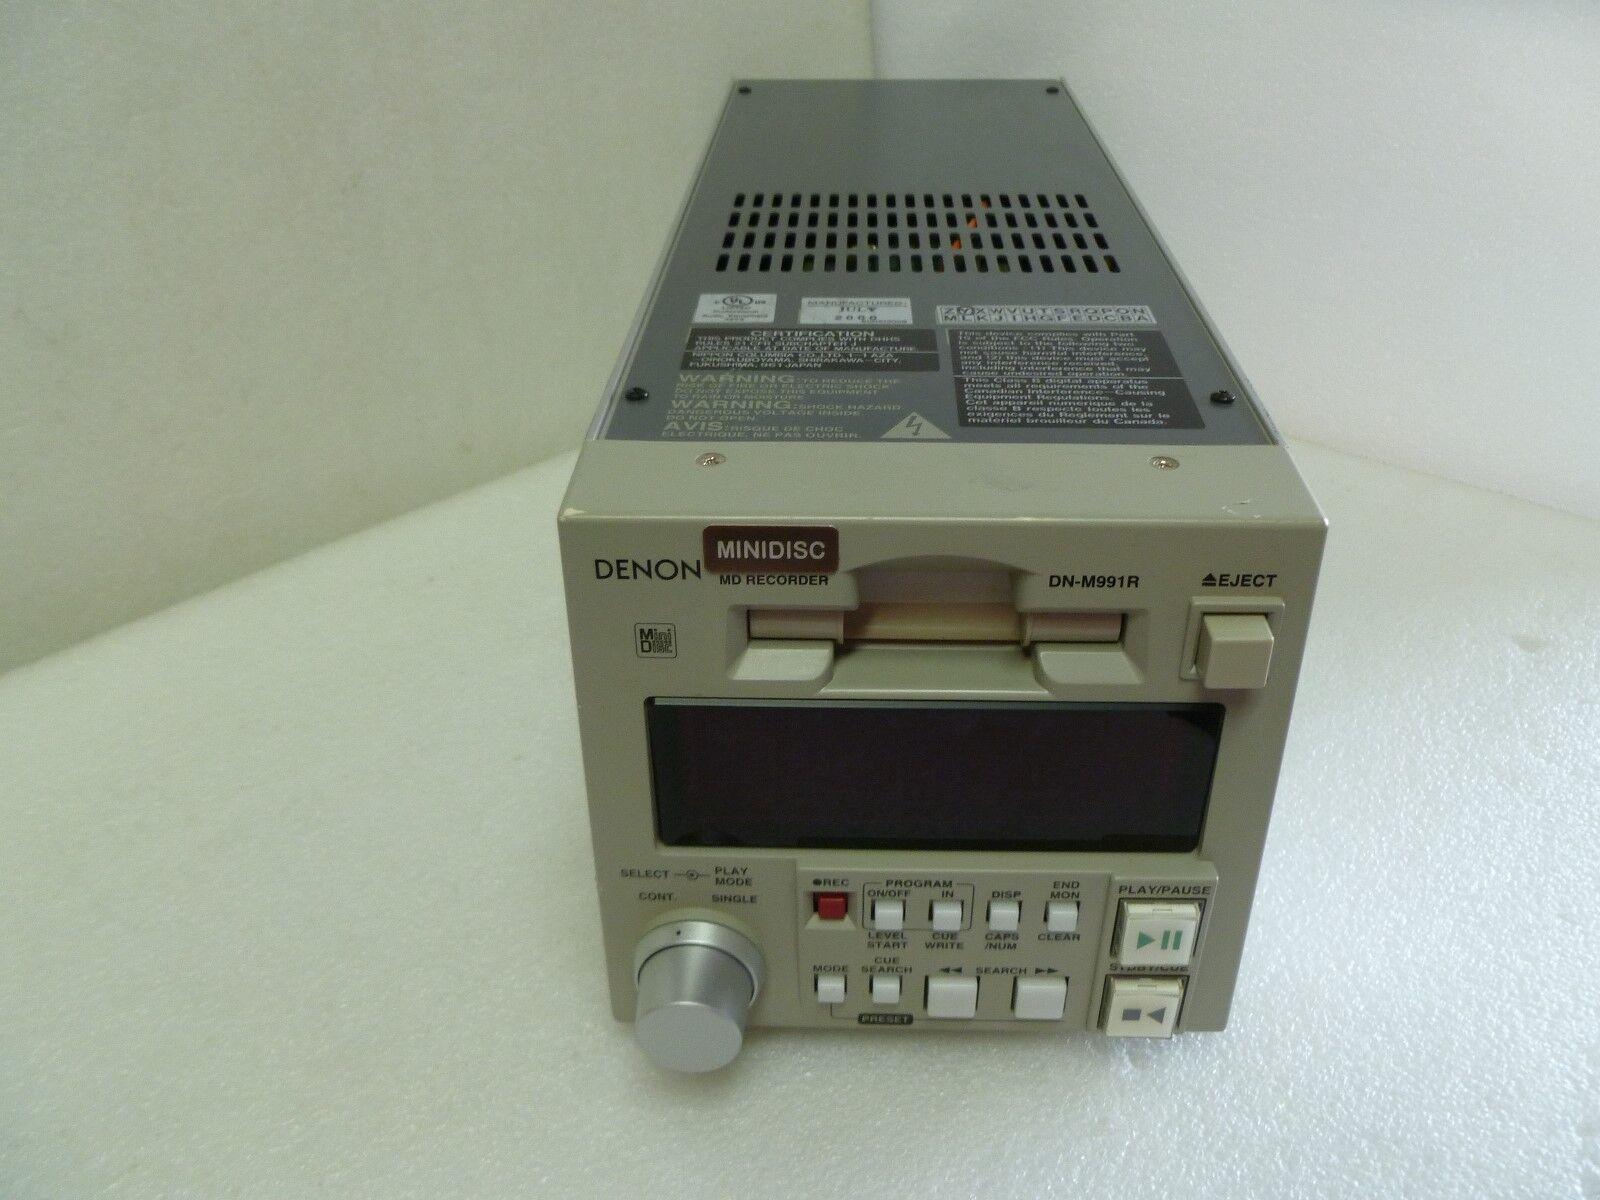 DENON DN-M991R MD RECORDER Mini Disk Audio Studio Recording Music Pro Sound